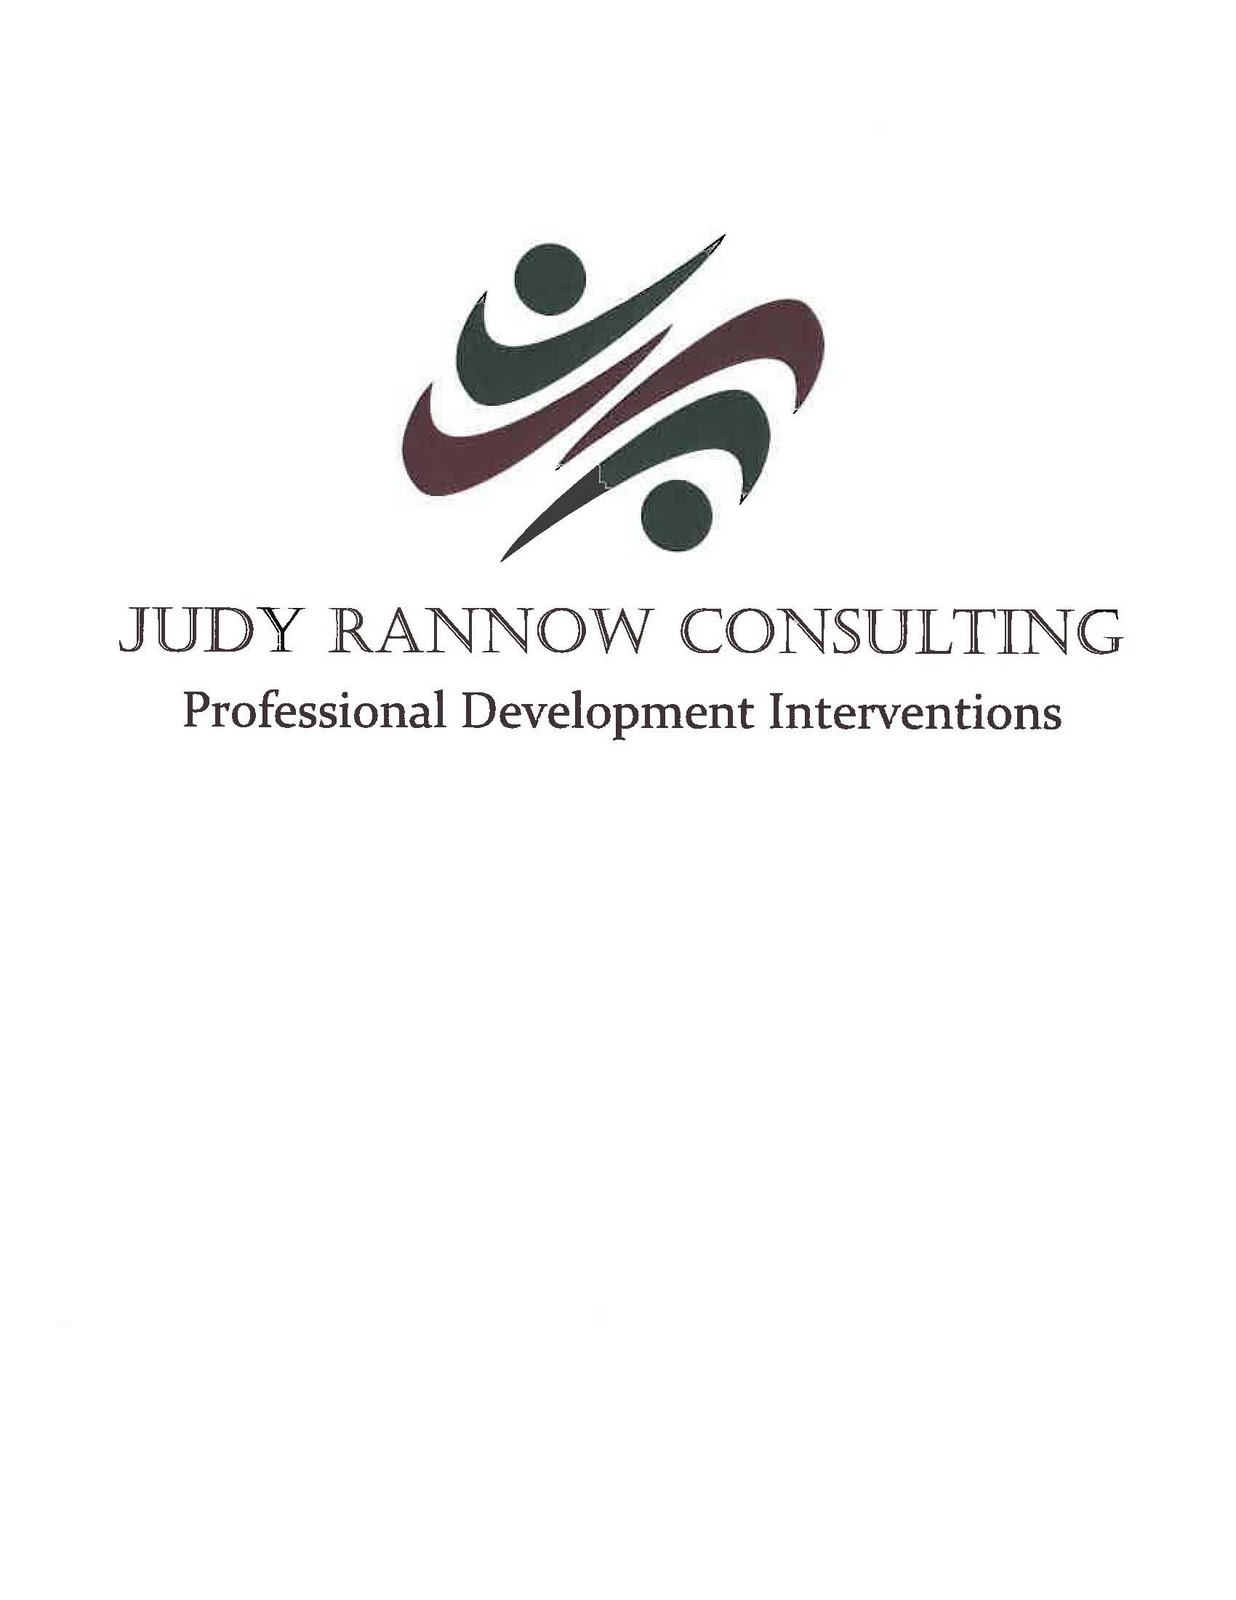 http://1.bp.blogspot.com/-E93KqXgNZQ0/TdZ5yfUvY8I/AAAAAAAAACI/DdoJpDKMIiQ/s1600/Judy%252BRannow%252B2%252BMore%252BLogos_Page_1.jpg